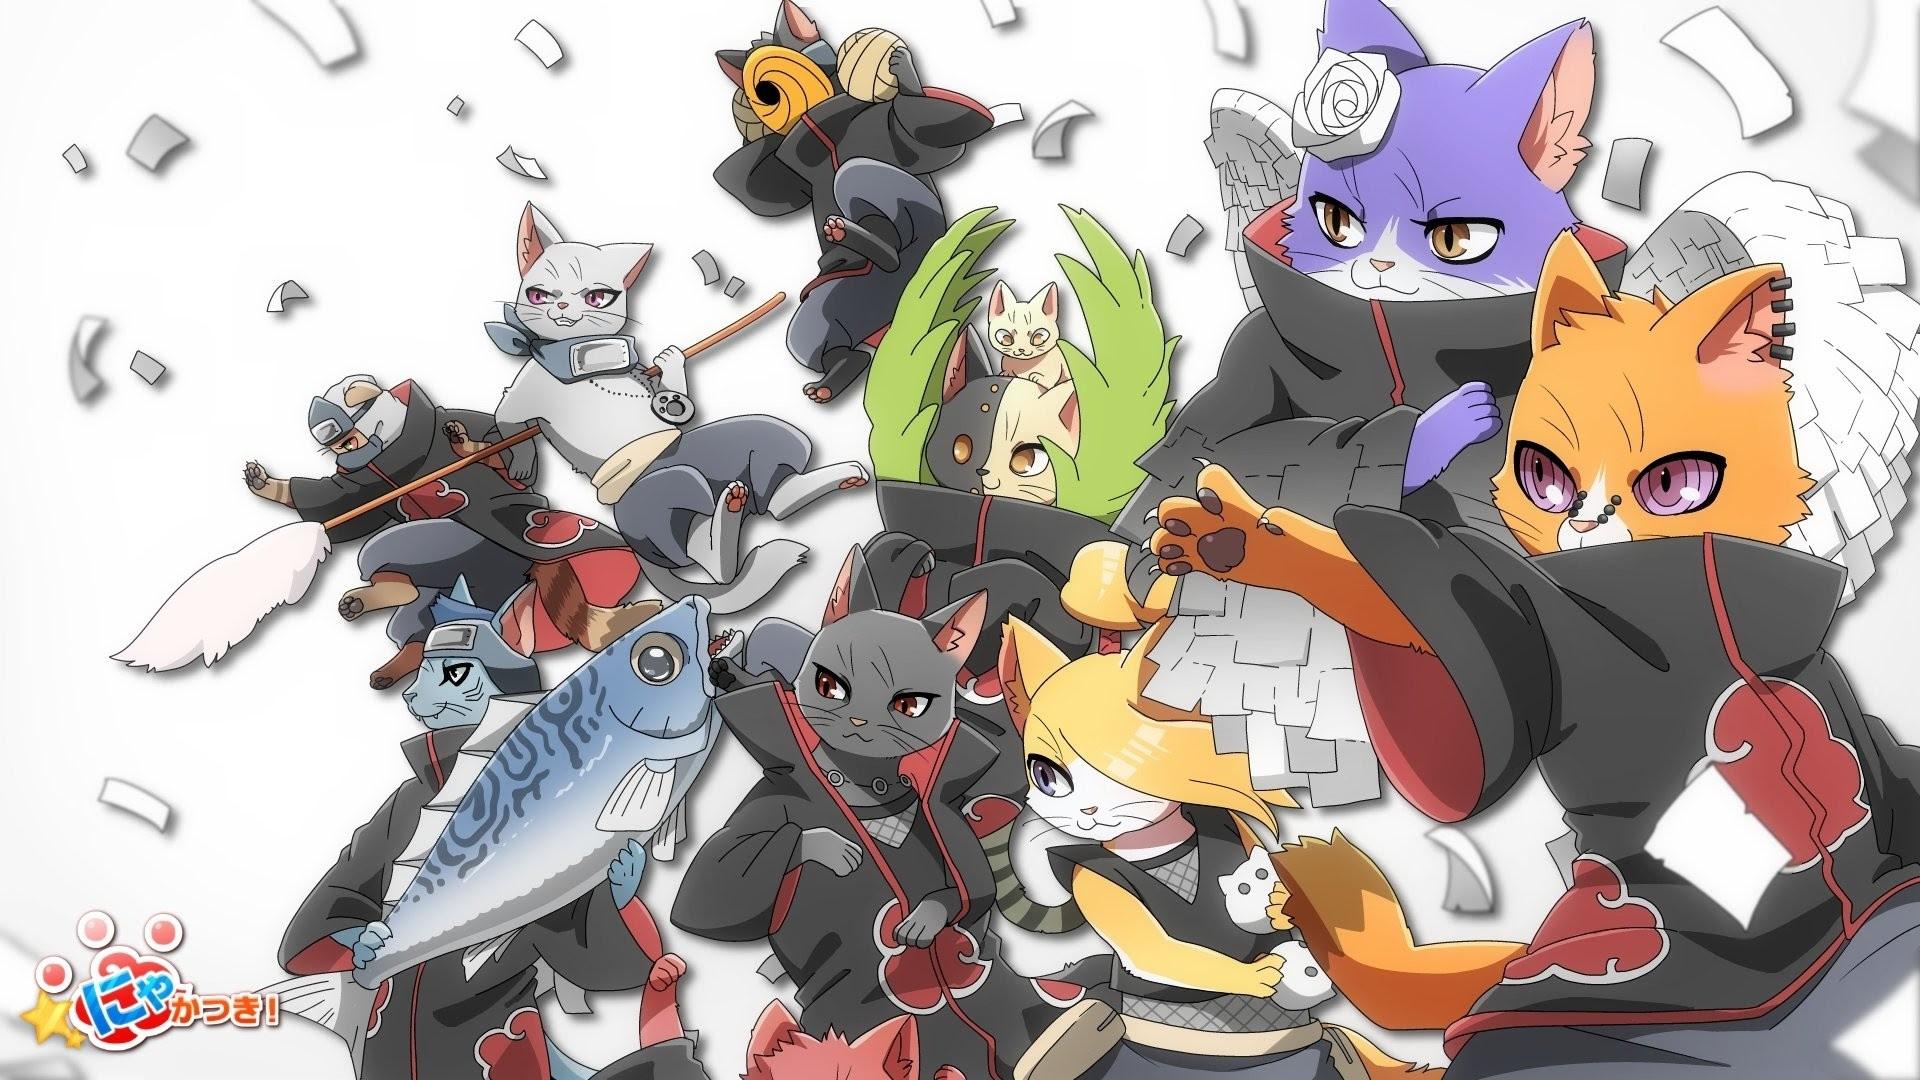 Download 4600 Wallpaper Hd Keren Anime Naruto Gratis